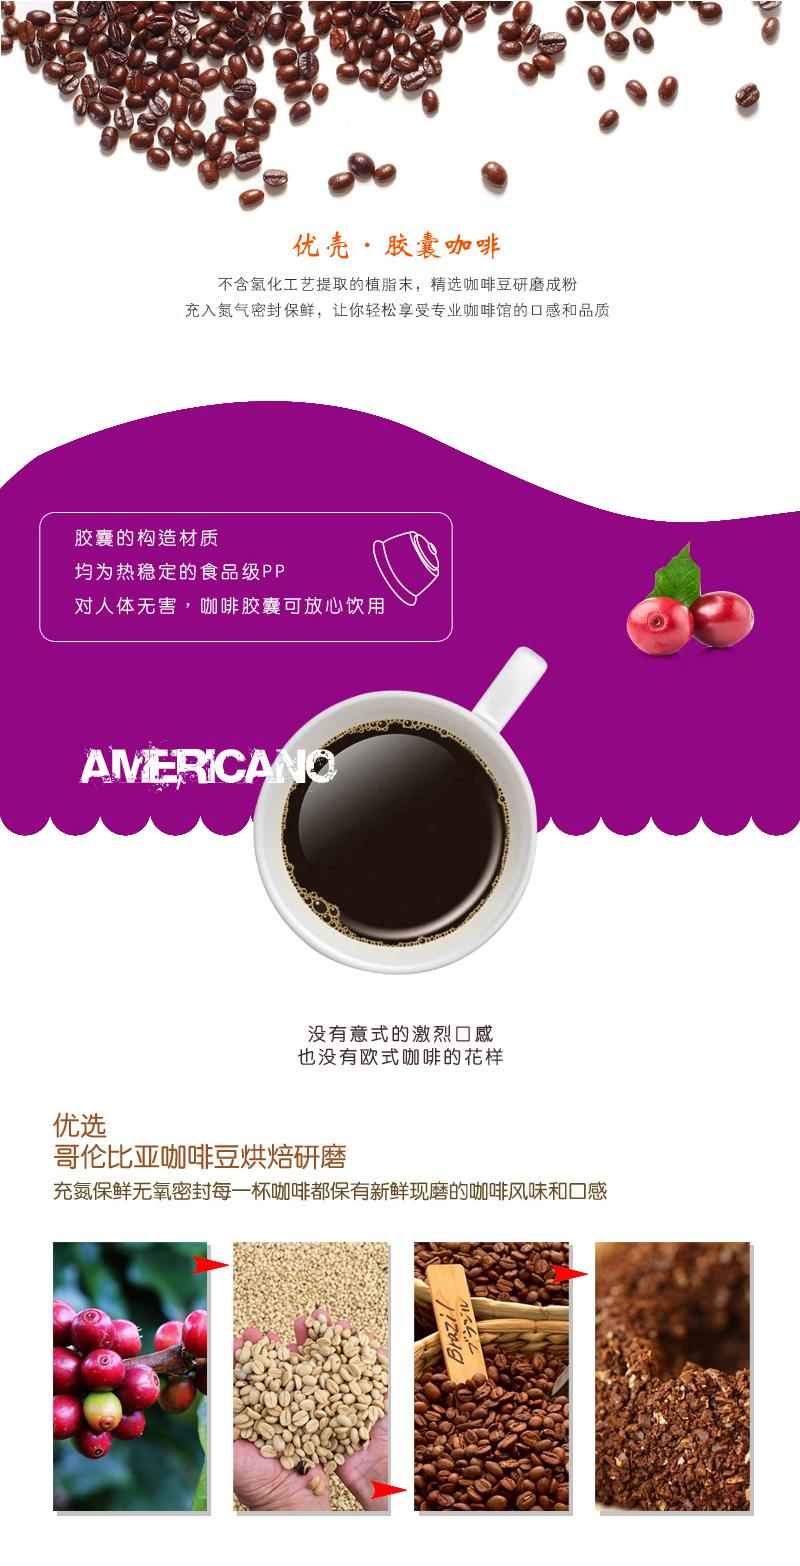 美式咖啡.jpg